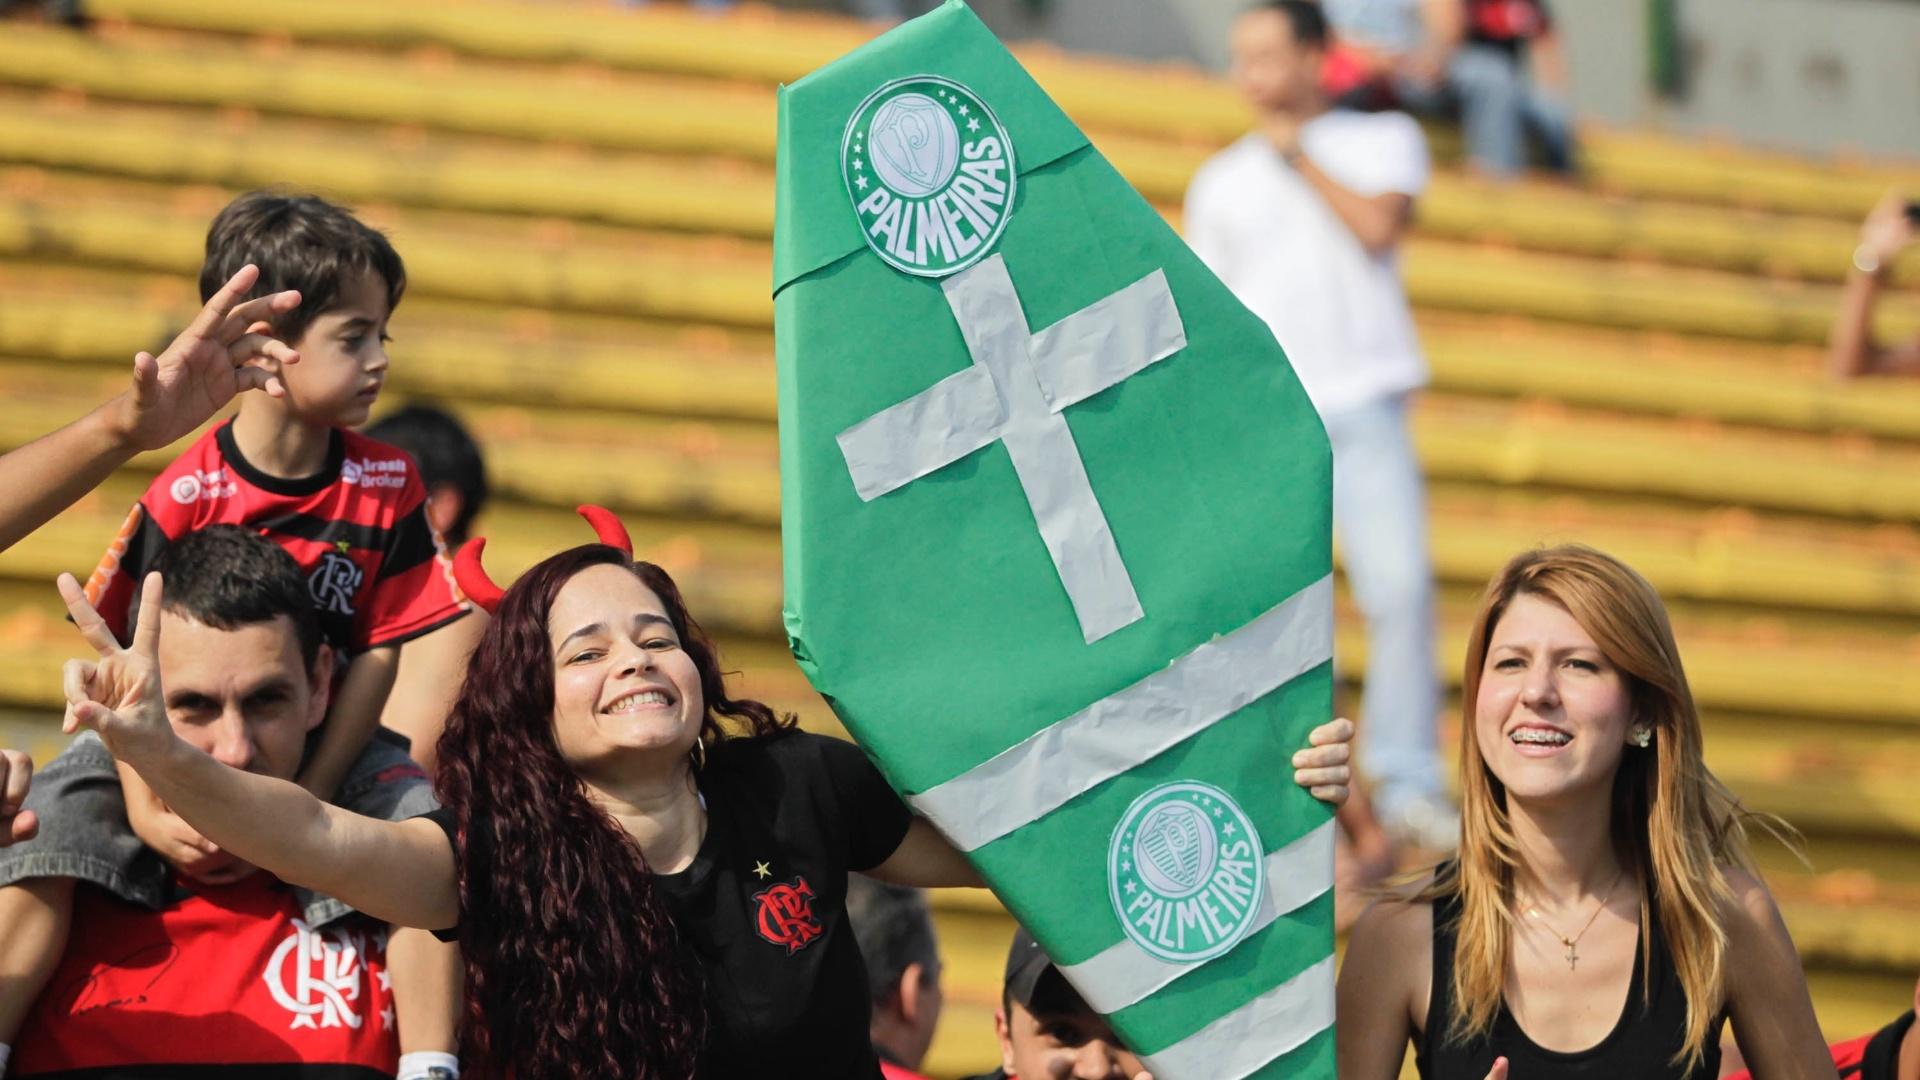 Flamenguistas provocam o Palmeiras e exibem caixão com o símbolo da equipe paulista